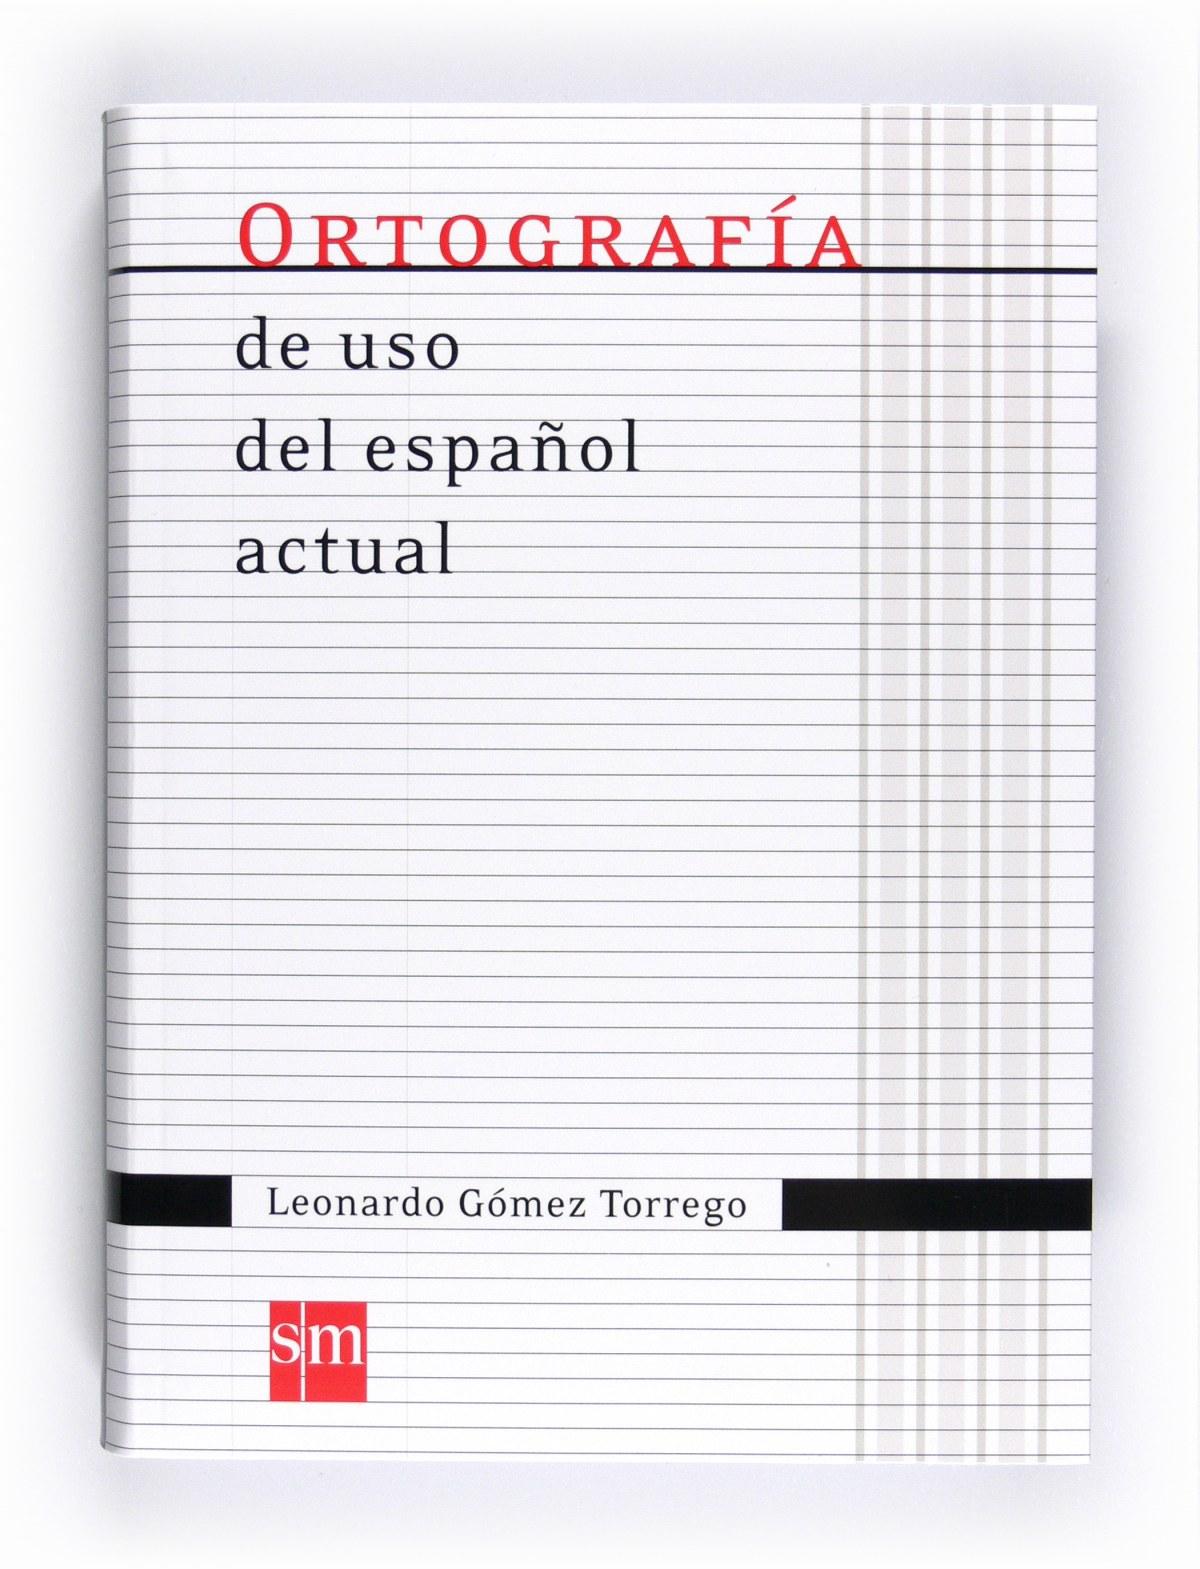 Ortograf¡a de uso del español actual 9788467541373